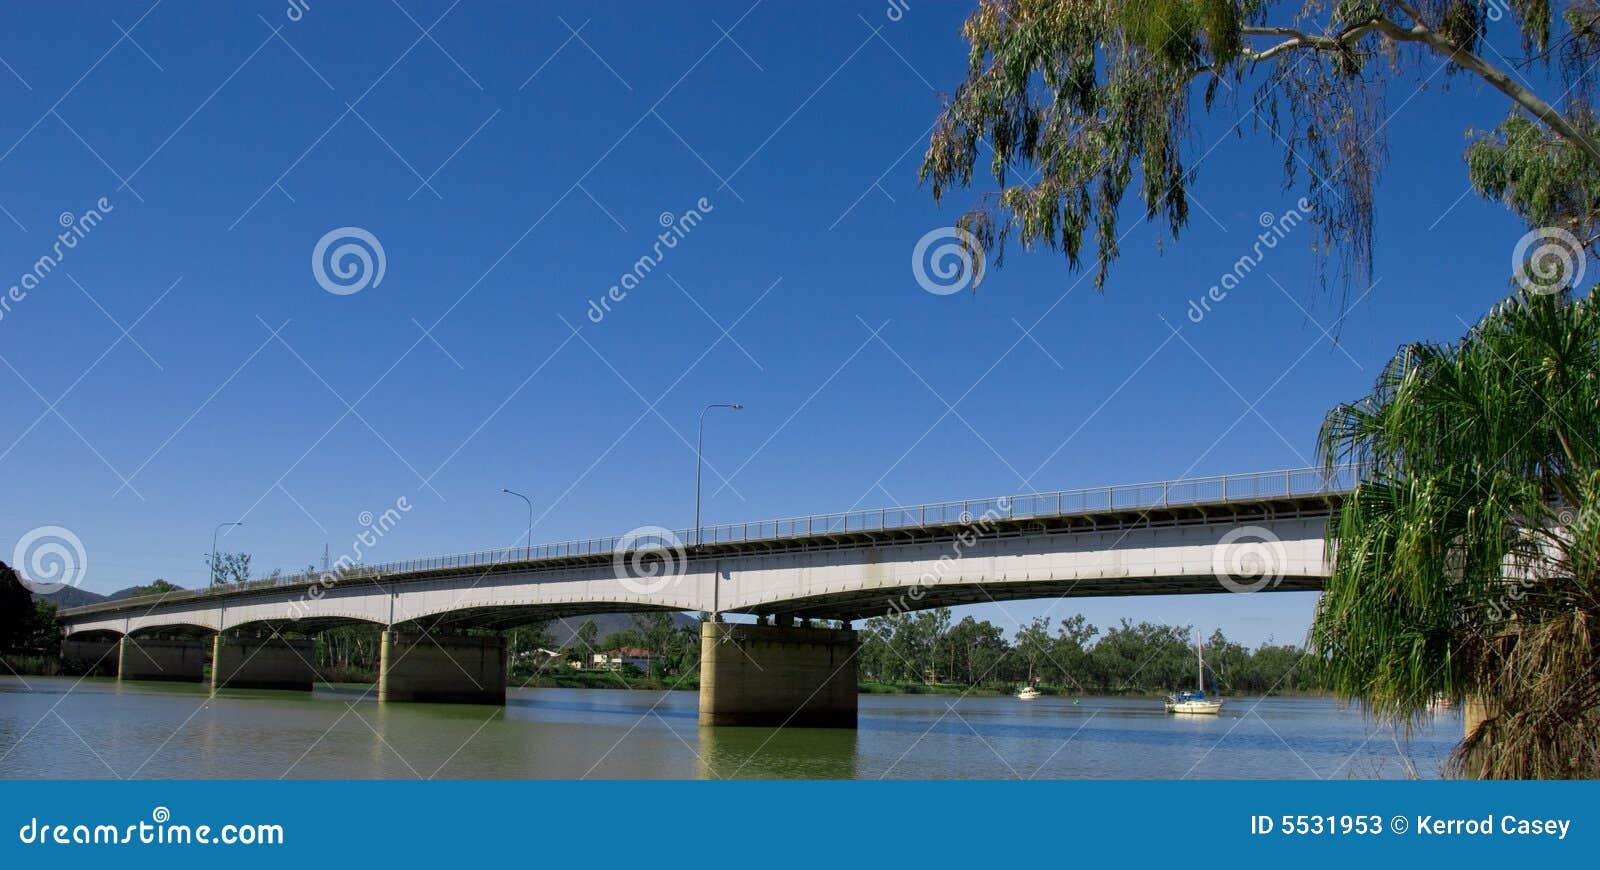 De mooie brug van de rivier fitzroy over de rivier fitzroy in